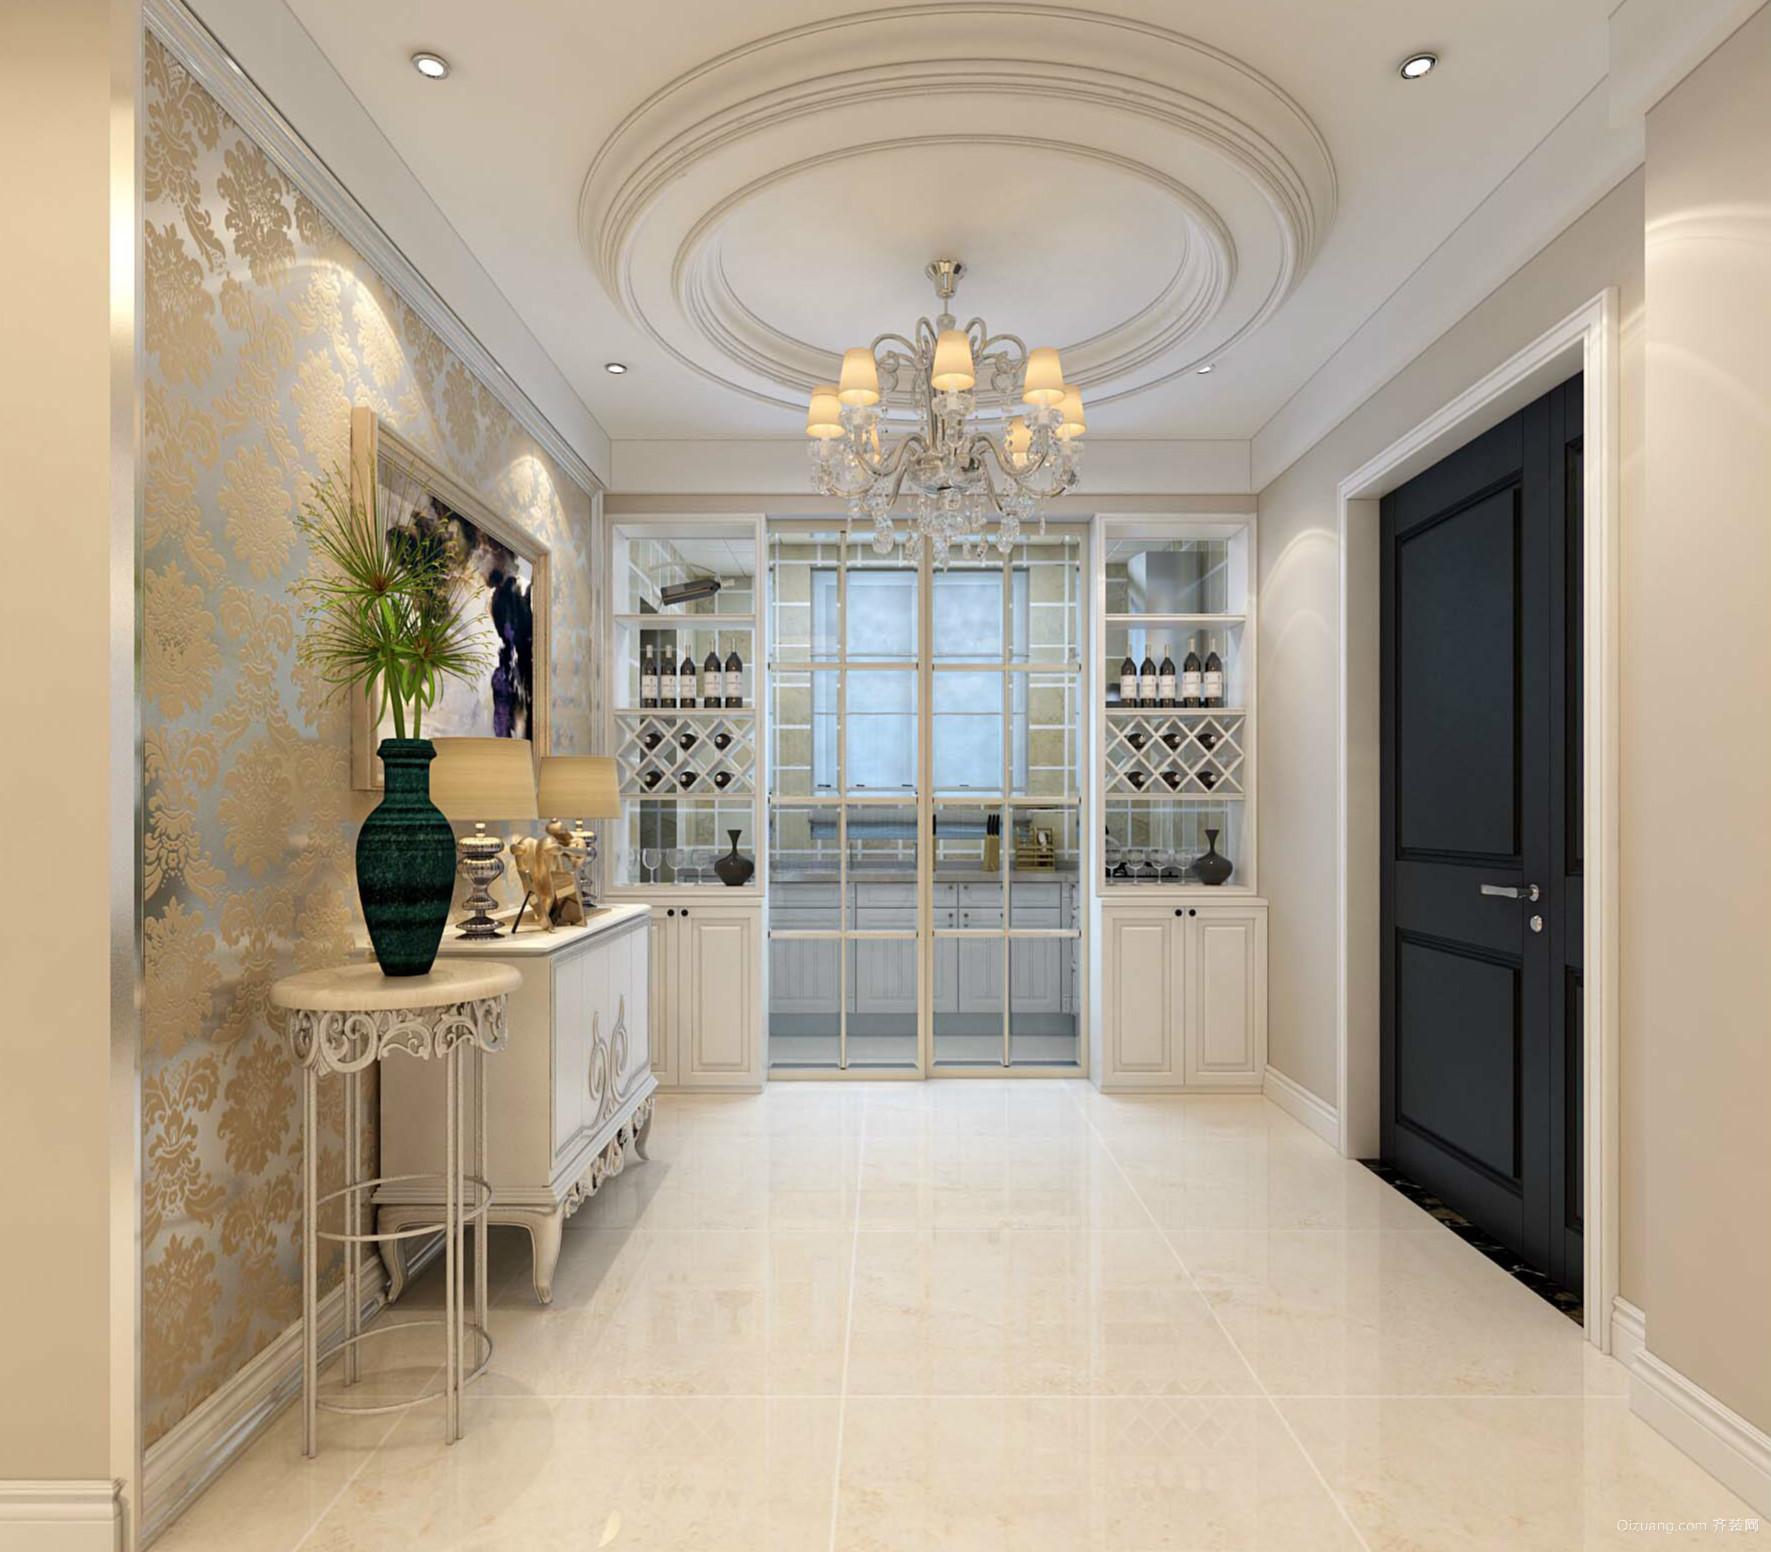 122平米家居简欧风格玄关设计效果图